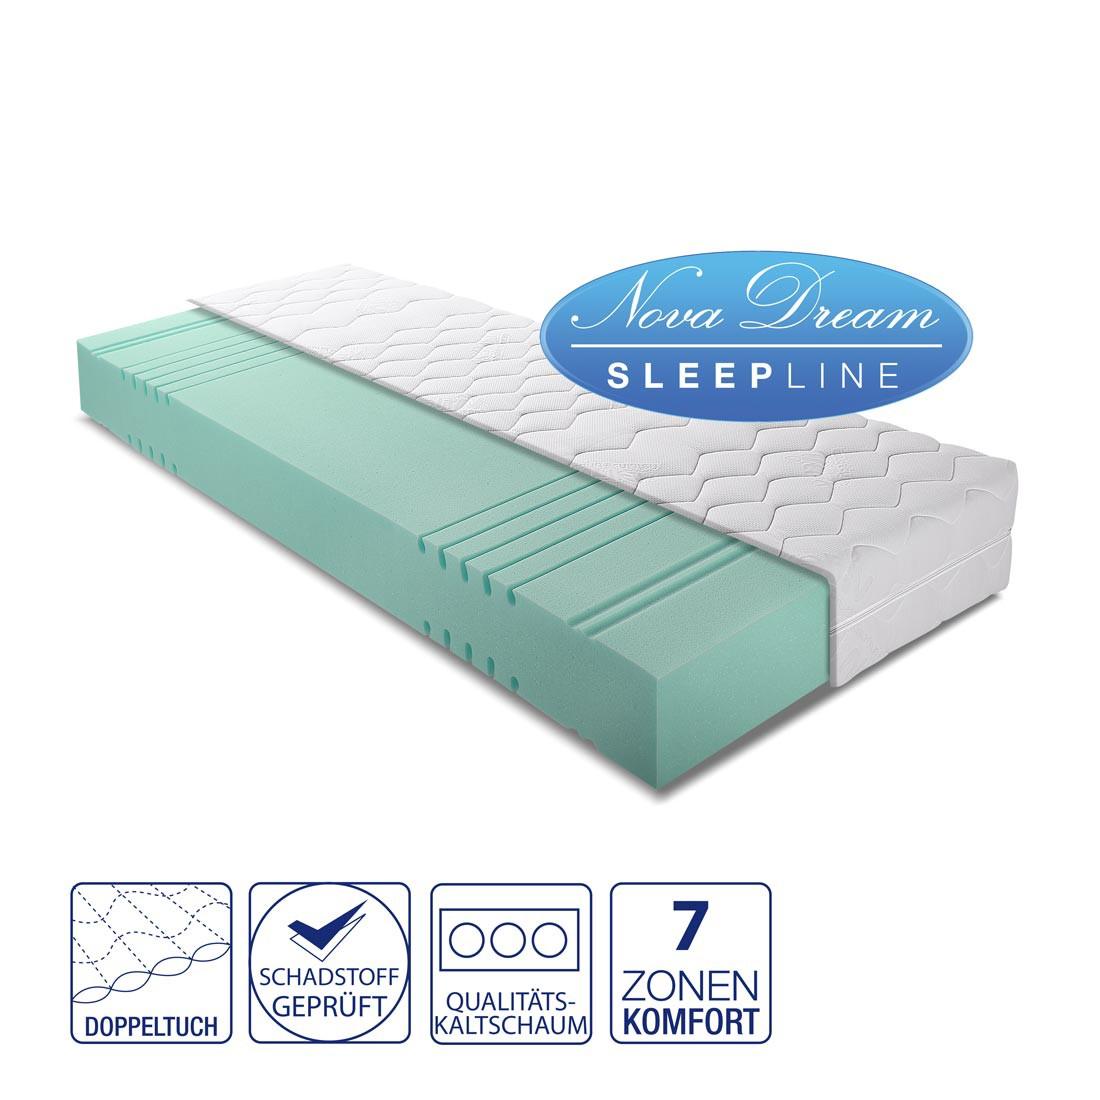 7-Zonen Kaltschaummatratze Dynell – 90 x 200cm – H2 bis 130 kg, Nova Dream Sleepline jetzt kaufen